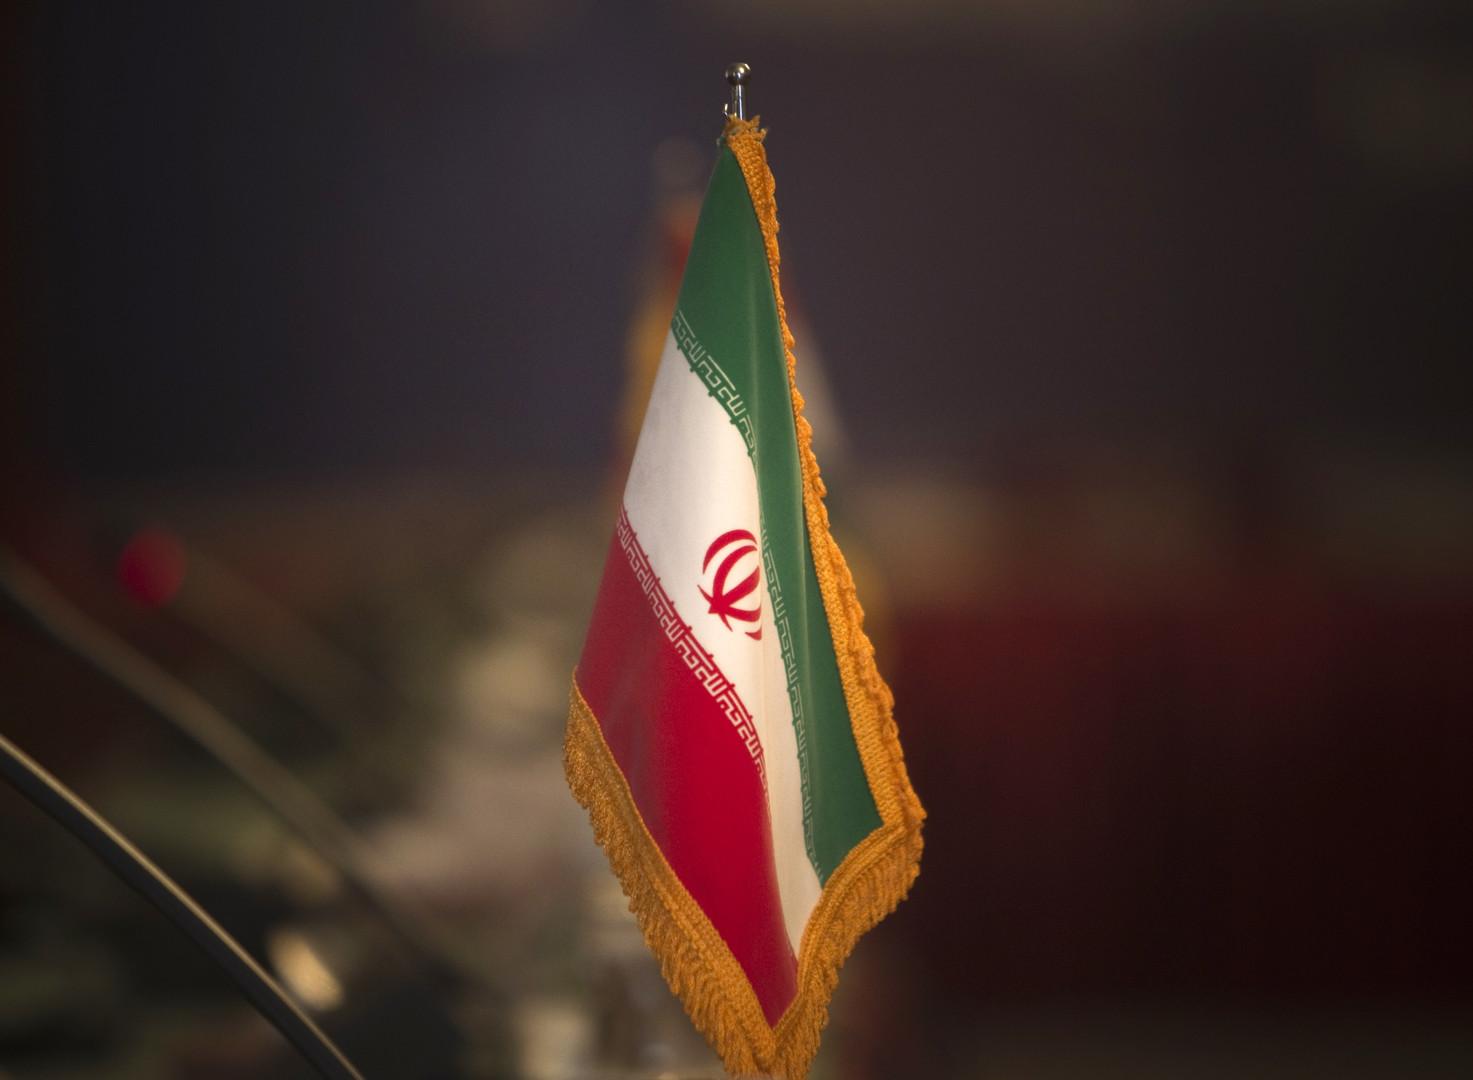 طهران: لا حل سوى التزام أوروبا بالاتفاق النووي ورفع العقوبات الأمريكية